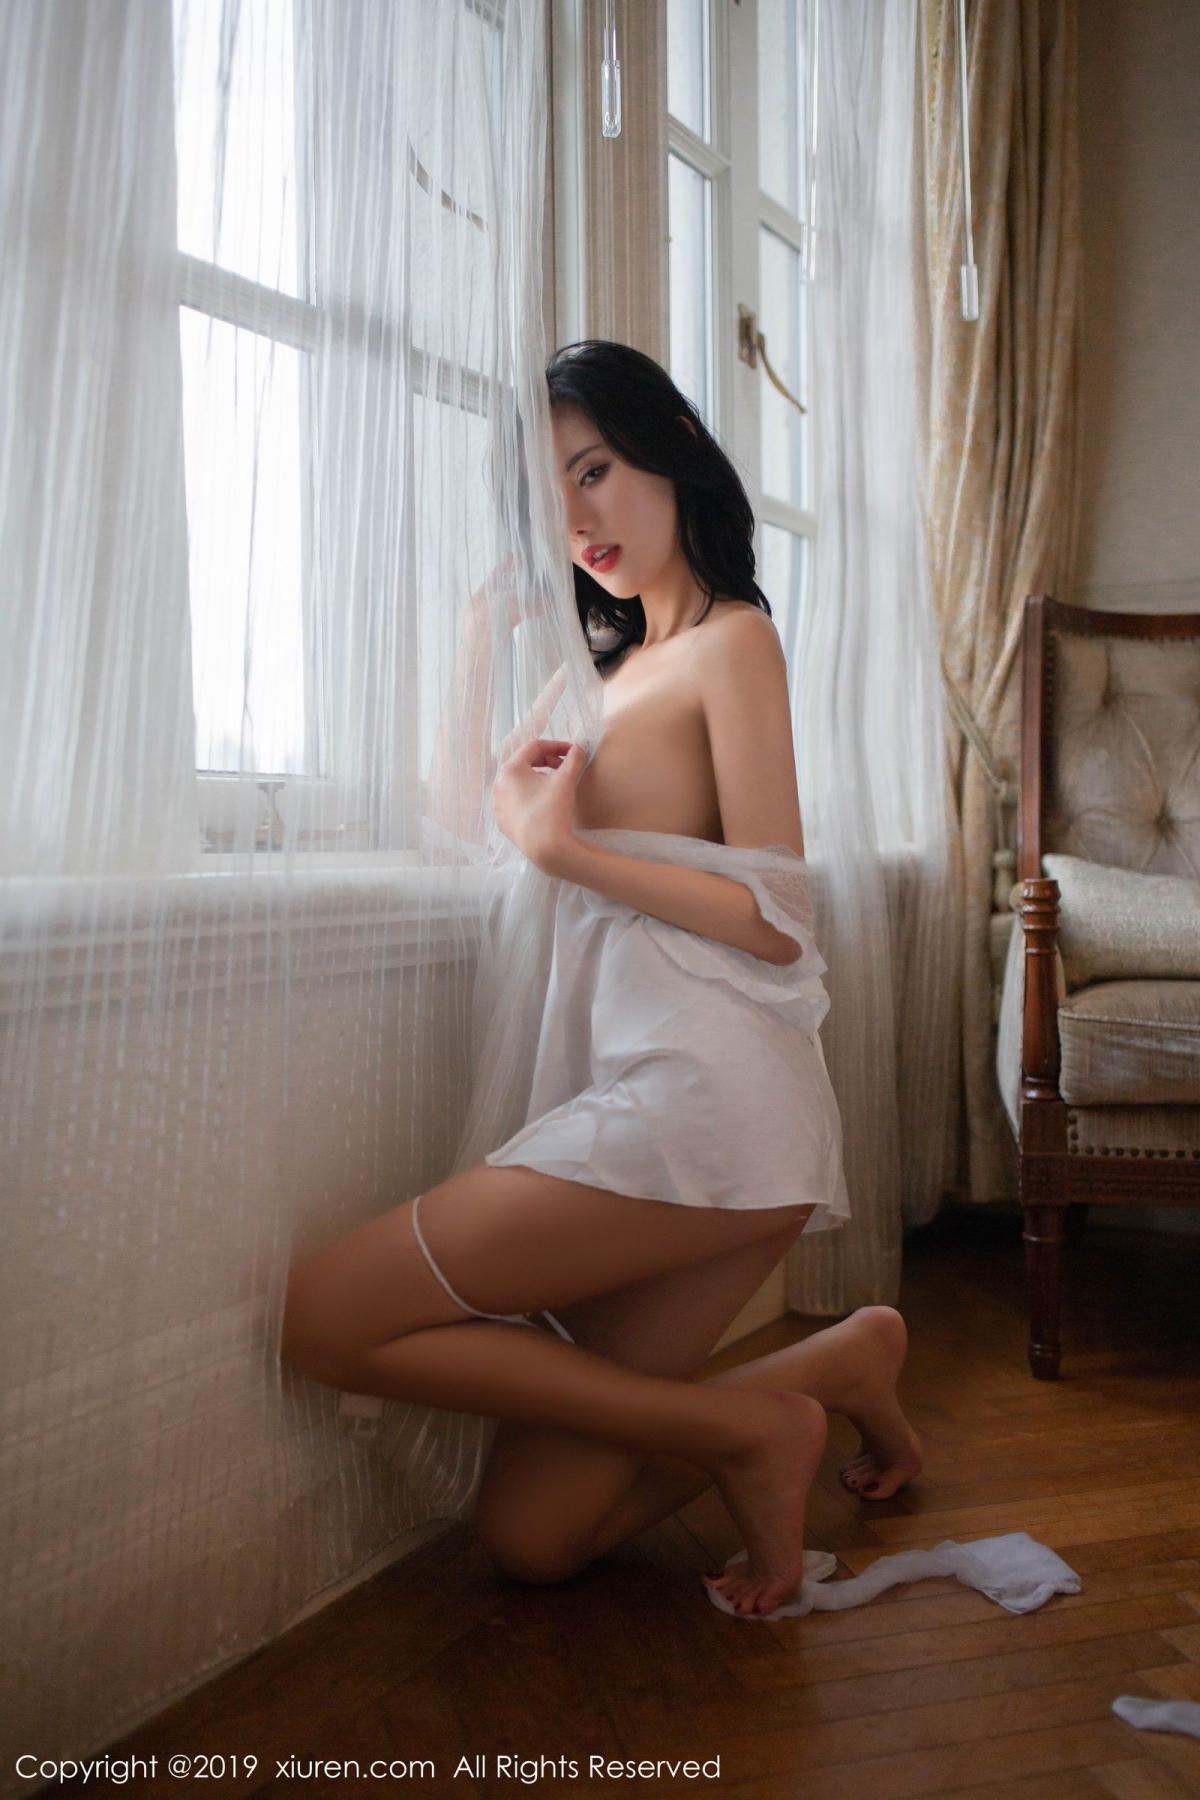 [XiuRen] Vol.1624 Jiu Shi A Zhu 25P, Jiu Shi A Zhu, Underwear, Xiuren